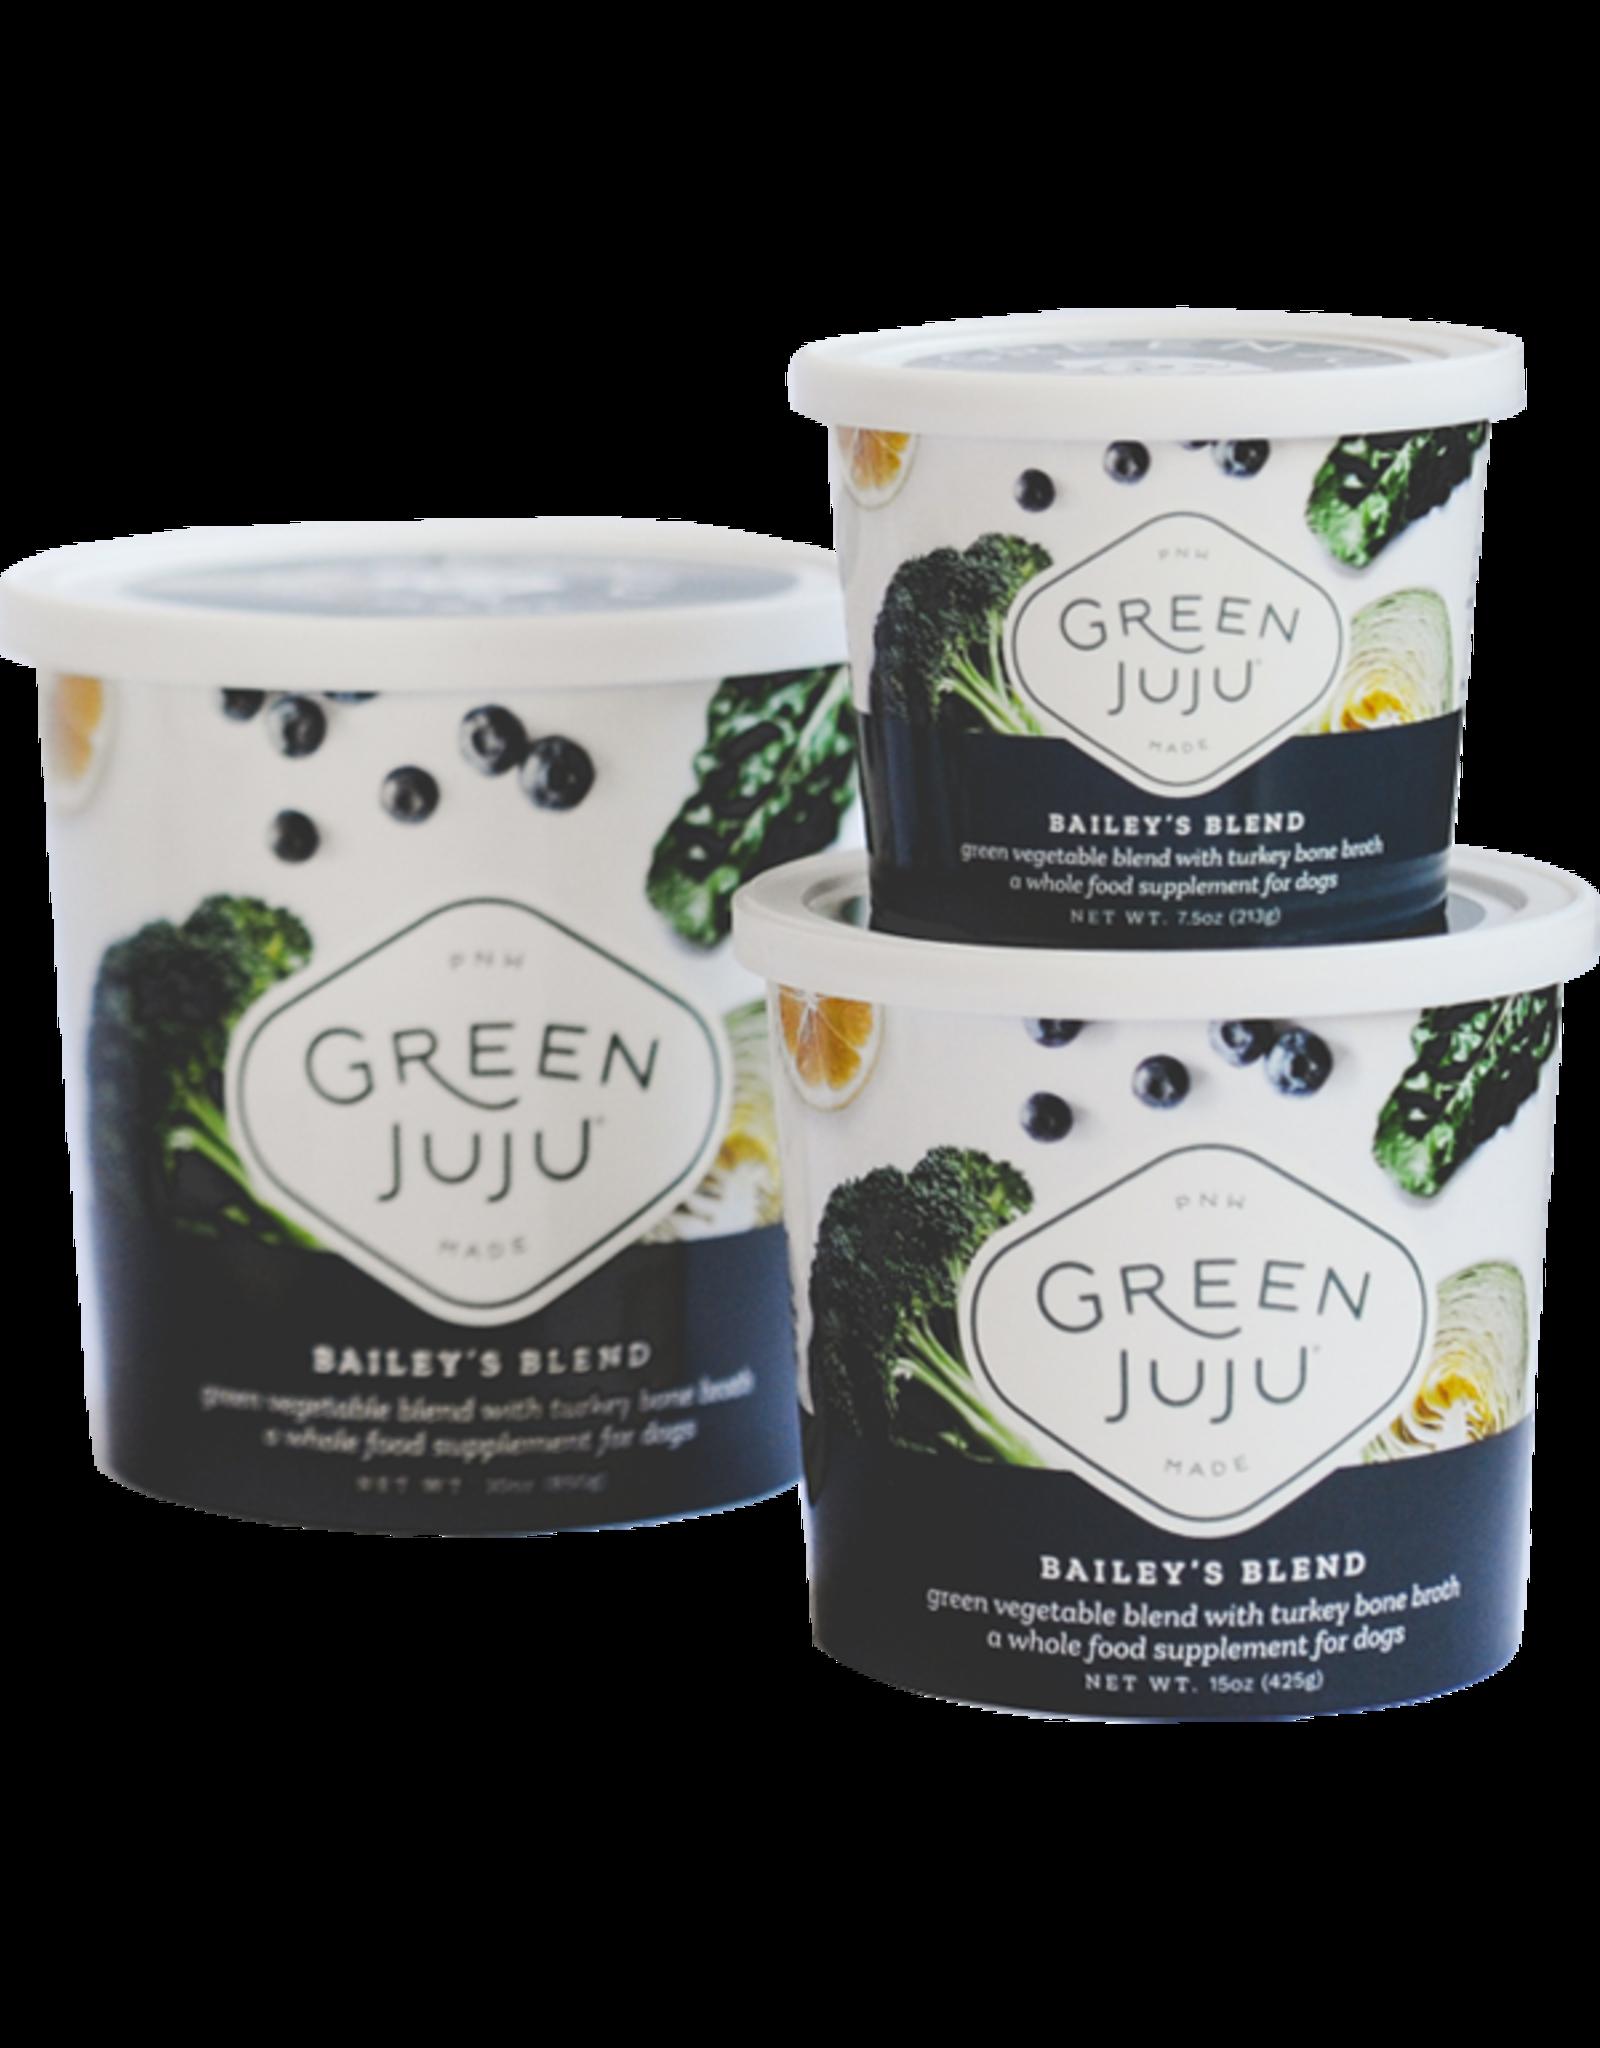 Green Juju Green Juju Baileys Blend - 7.5OZ